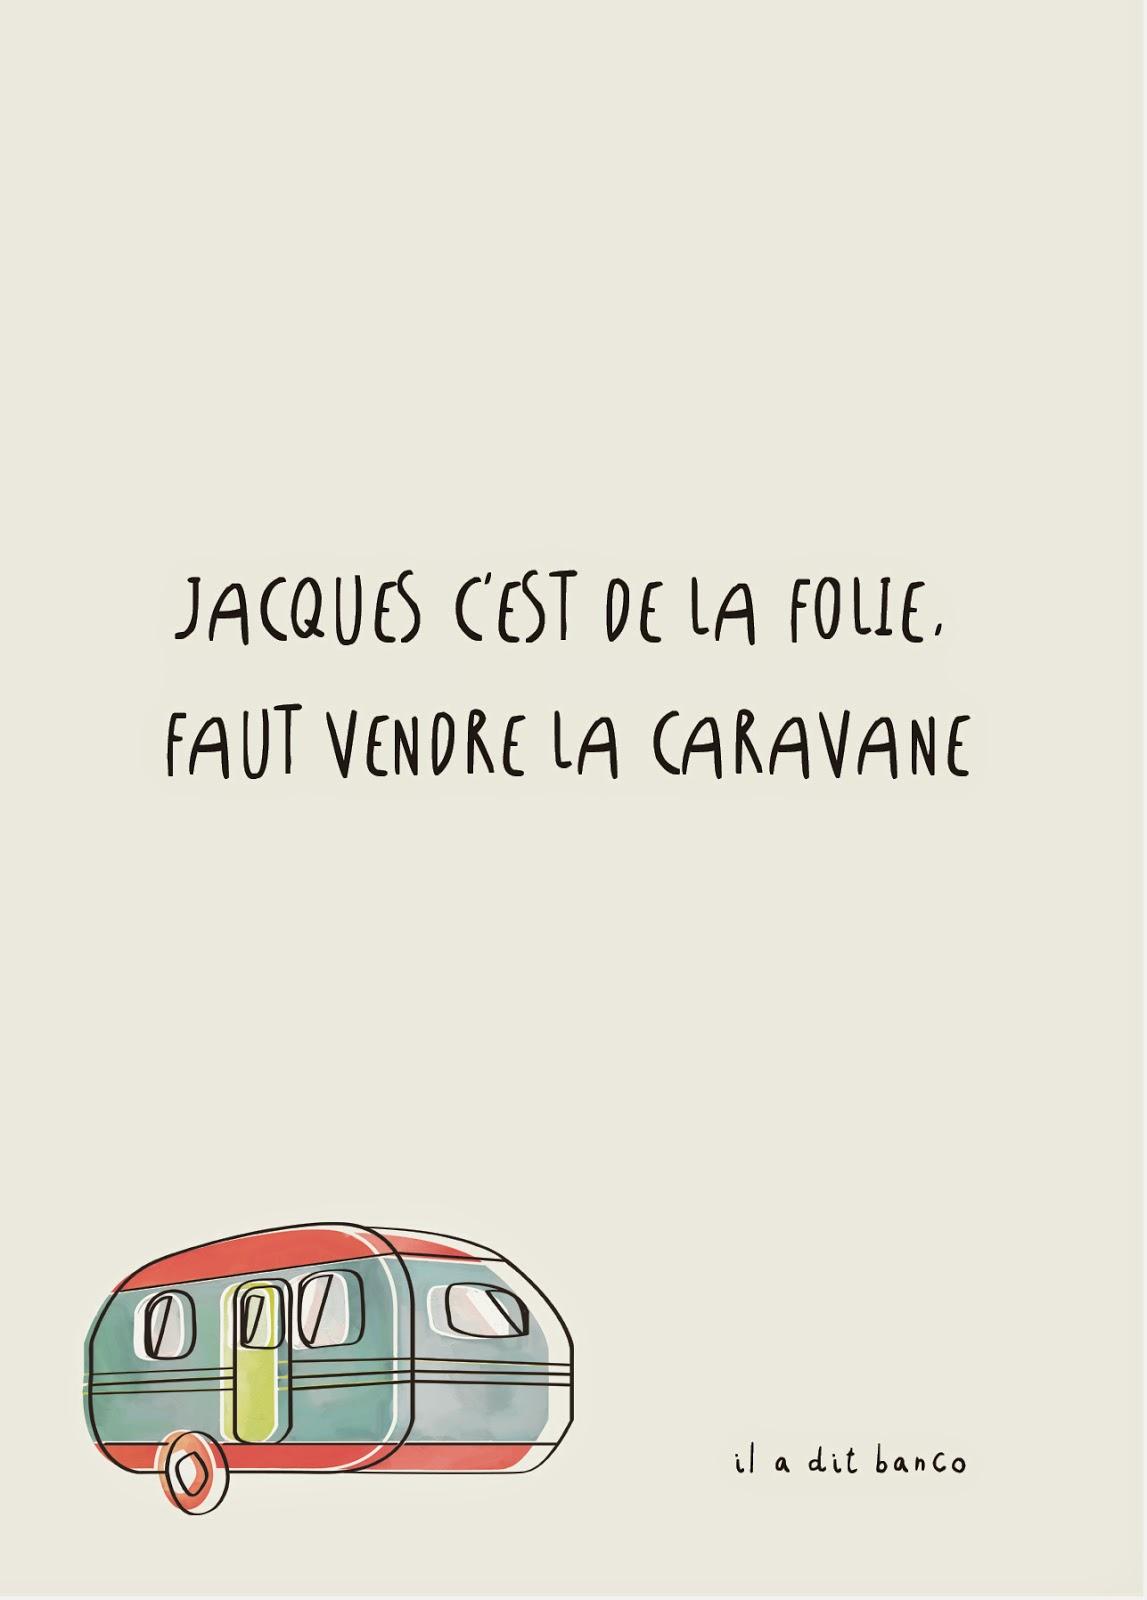 Jacques c'est de la folie, faut vendre la caravane